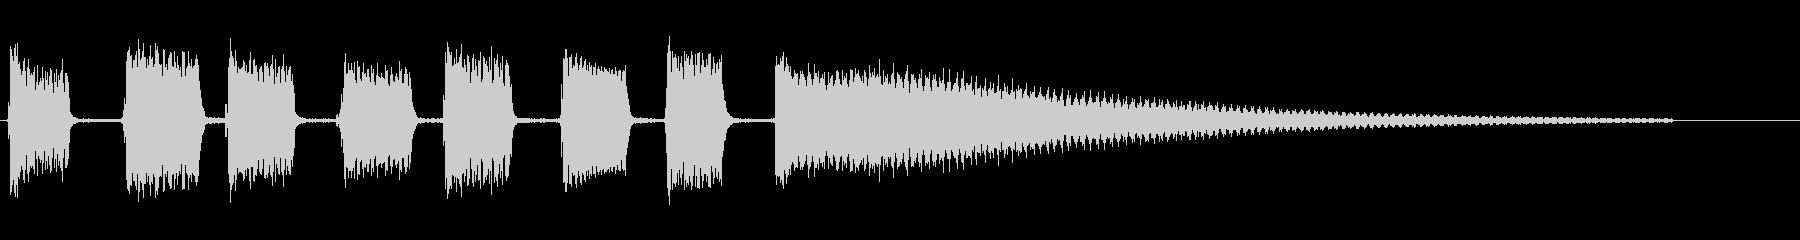 エレキギター:ツートーンアクセント...の未再生の波形